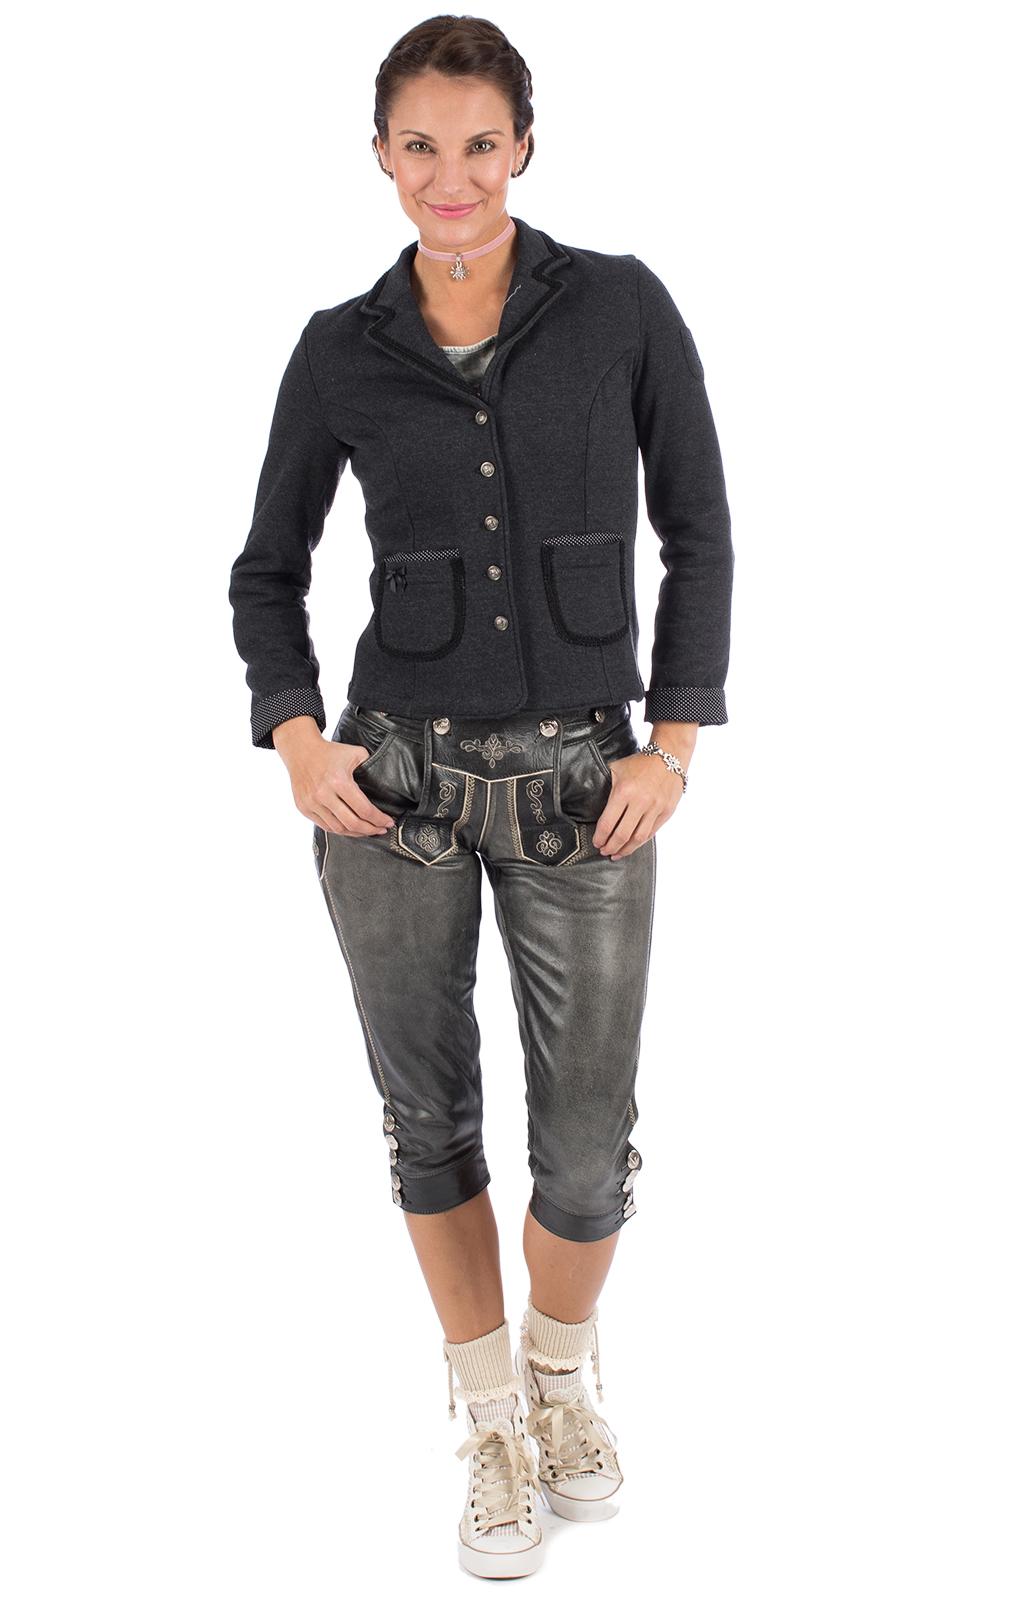 weitere Bilder von Trachtenjacke K96-LORE grau schwarz